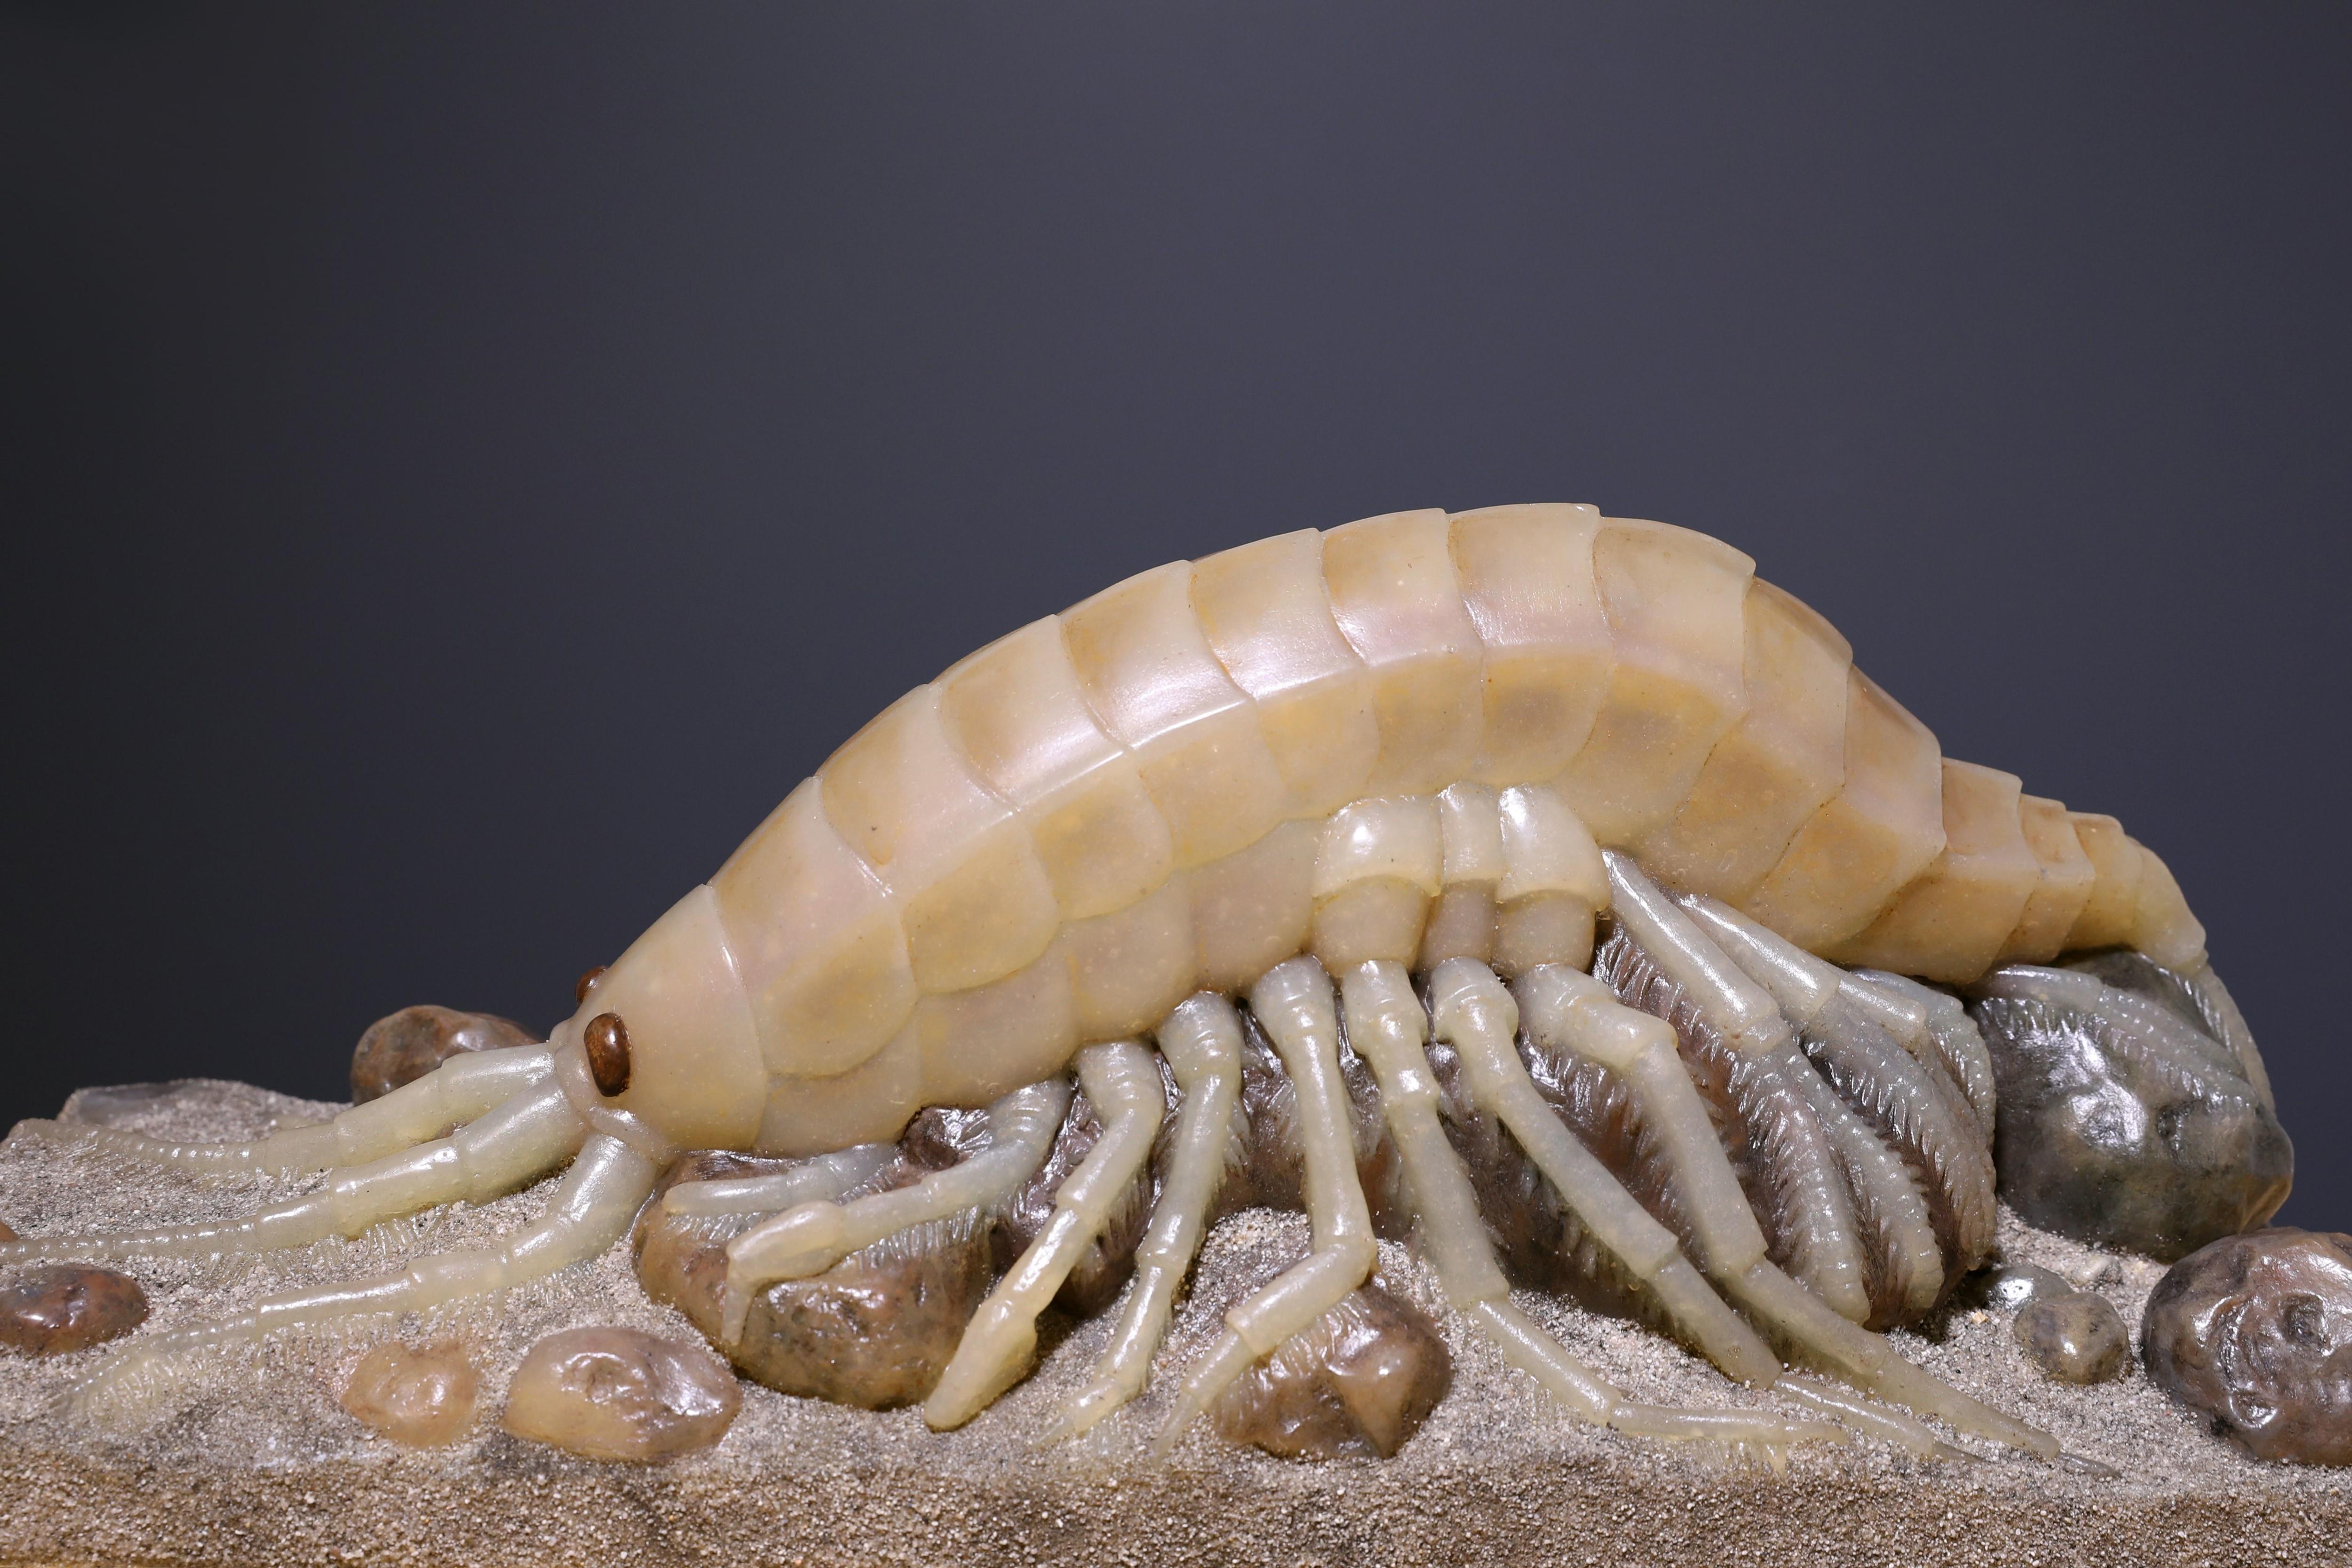 Modell eines Bachflohkrebses zum Anfassen